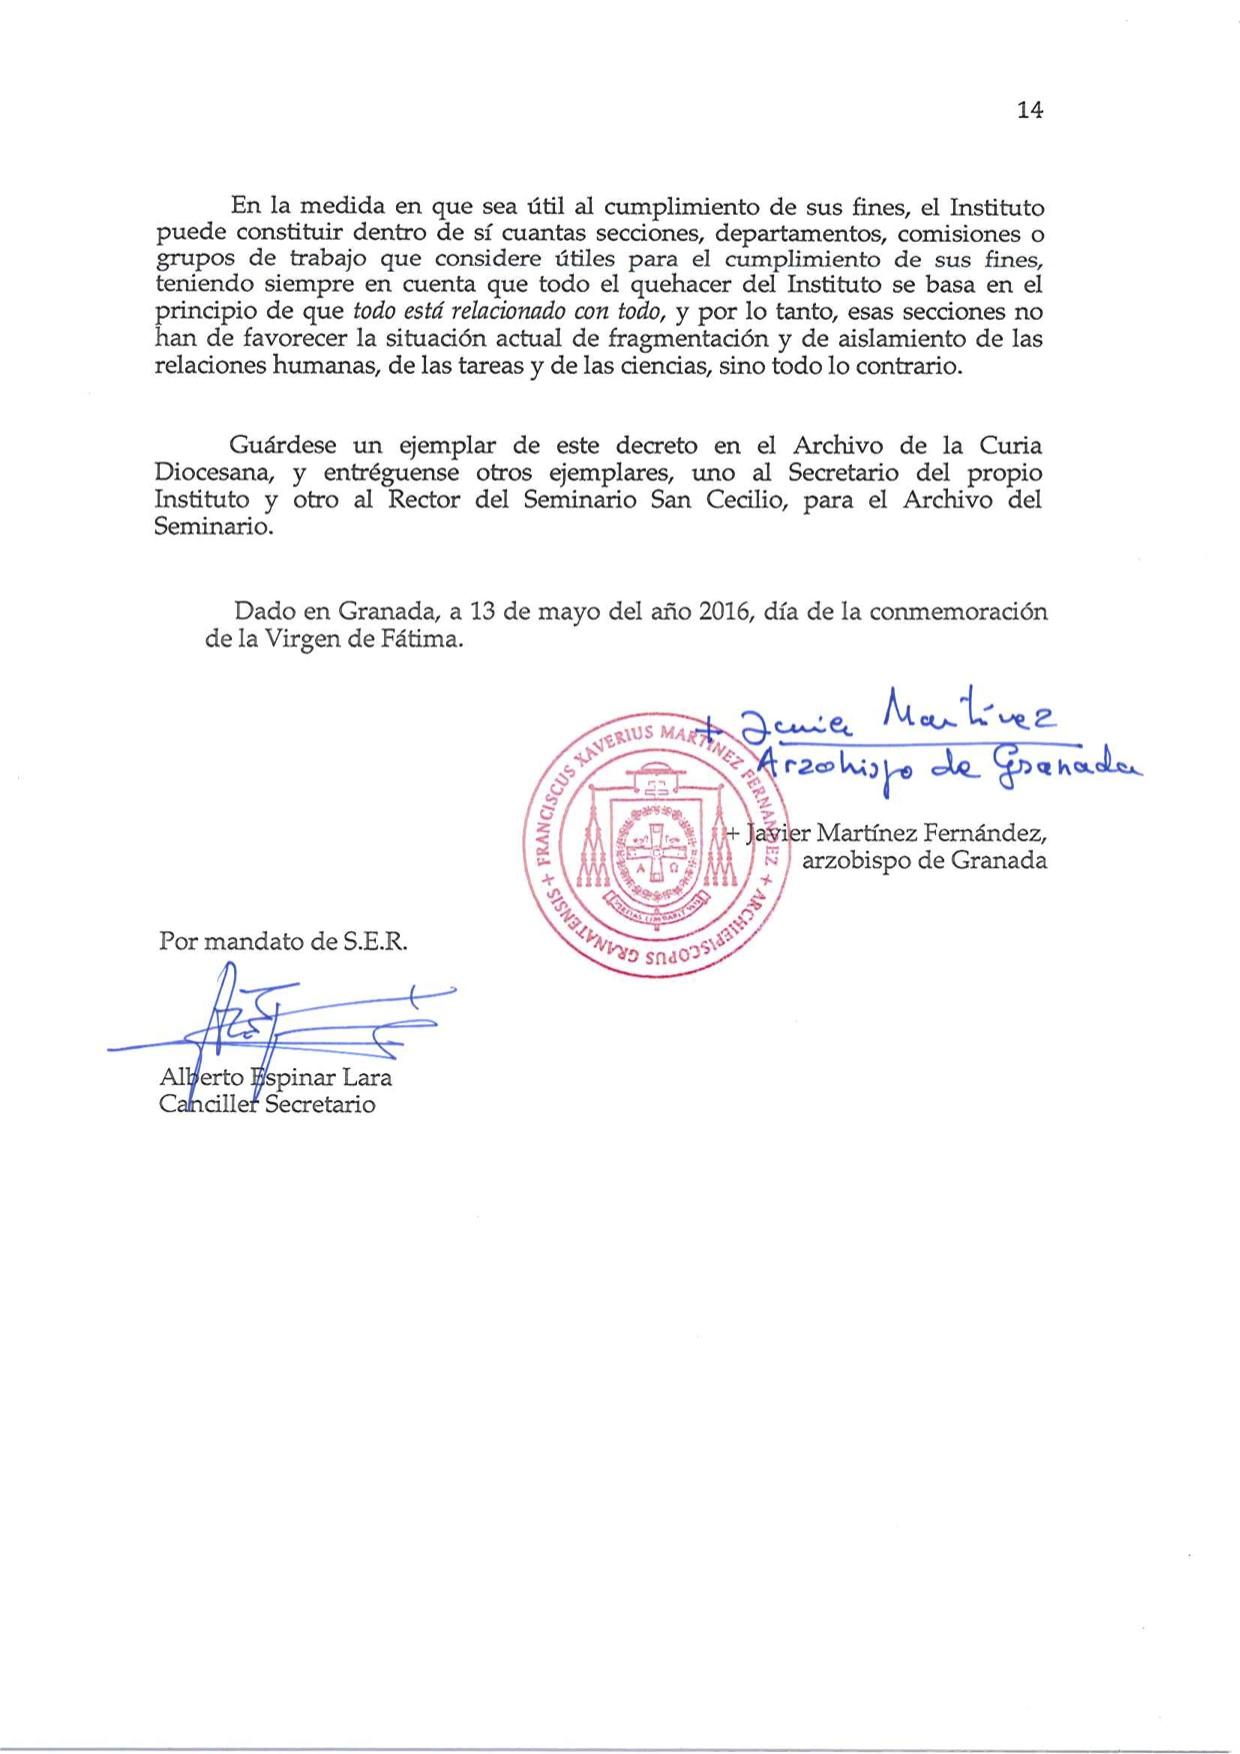 Decreto de Erección _Laudato Si_14